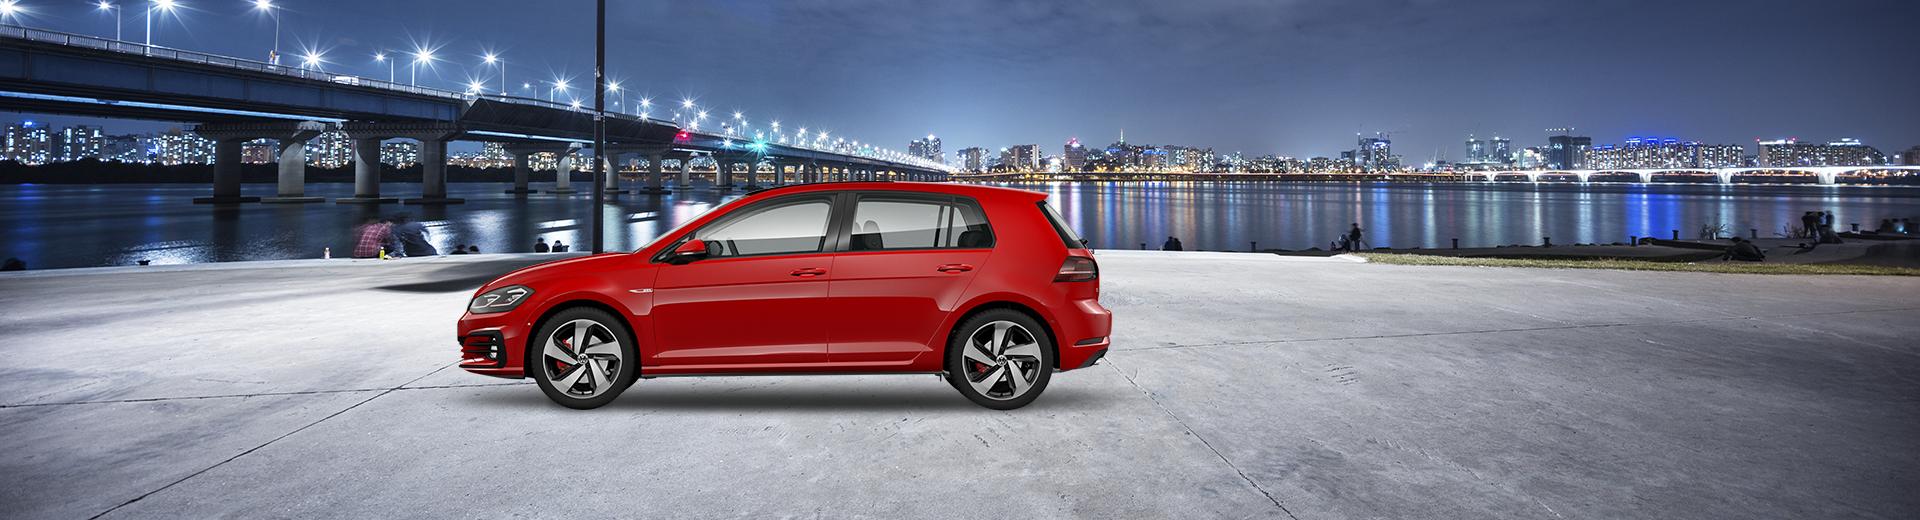 Novo Volkswagen Golf para Comprar na Concessionária Autorizada Divosul Volkswagen em Porto União, Santa Catarina, SC